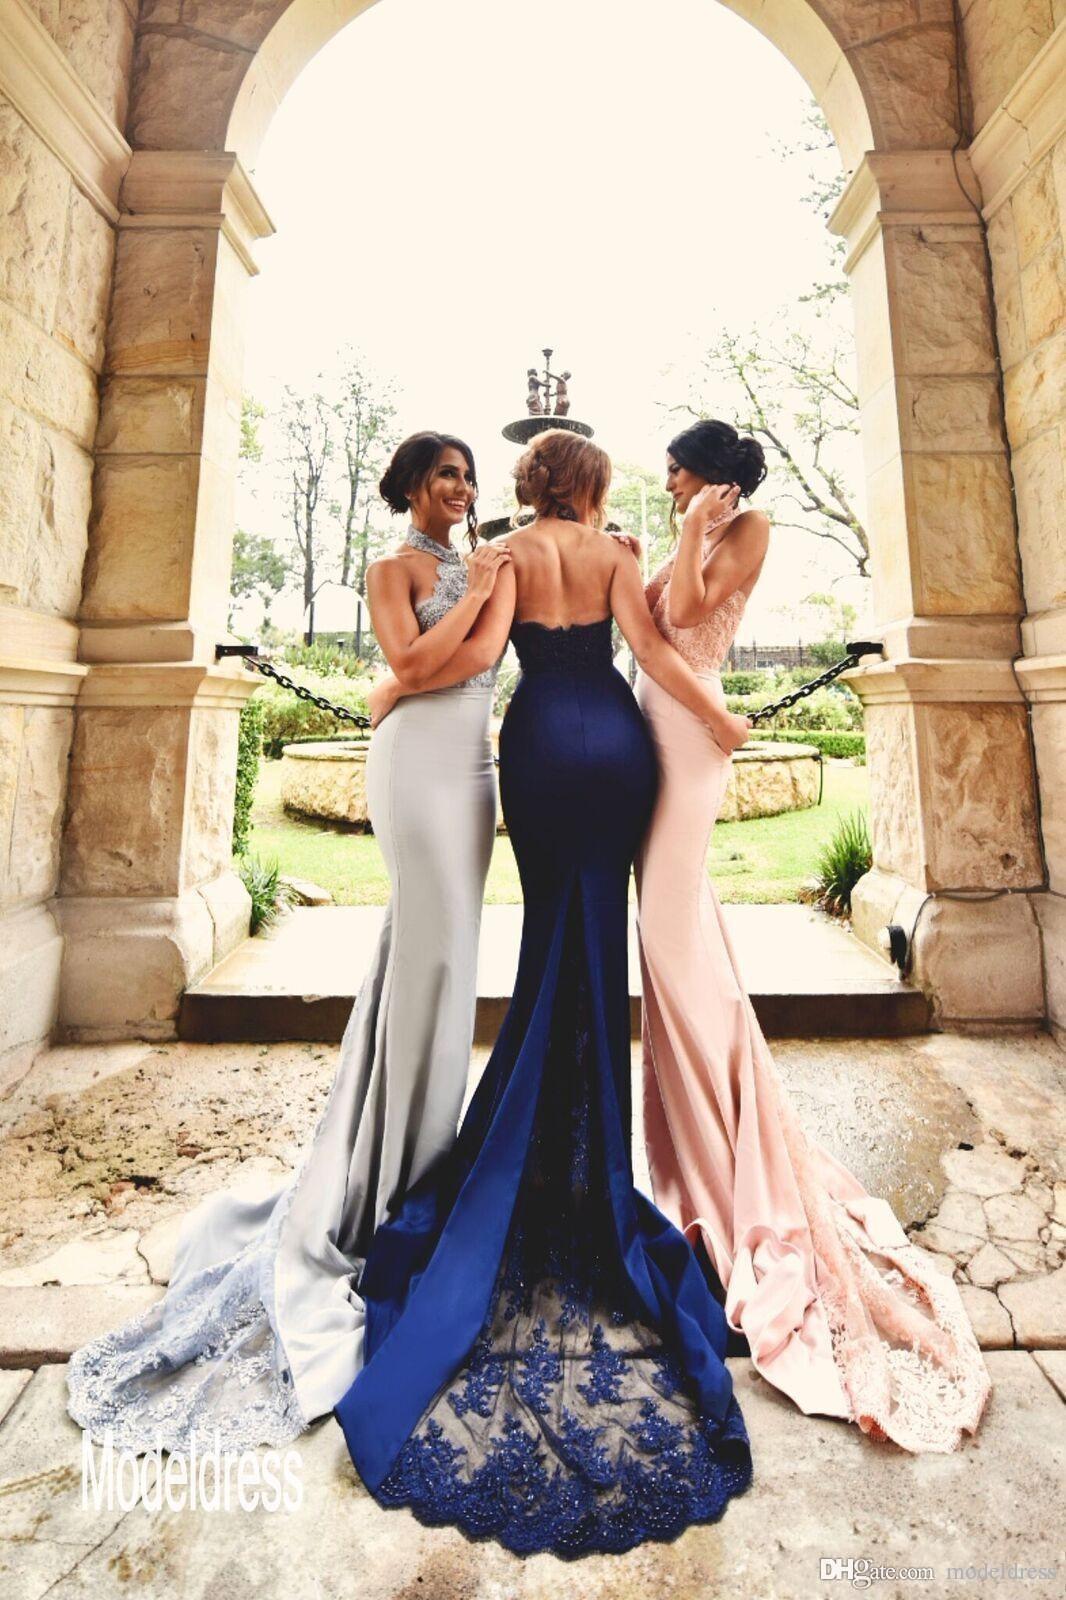 2019 nouveau design argent blush dentelle robes de demoiselle d'honneur licou dos nu sirène longue marine bleu formelle robe de mariage invité robes de soirée pas cher